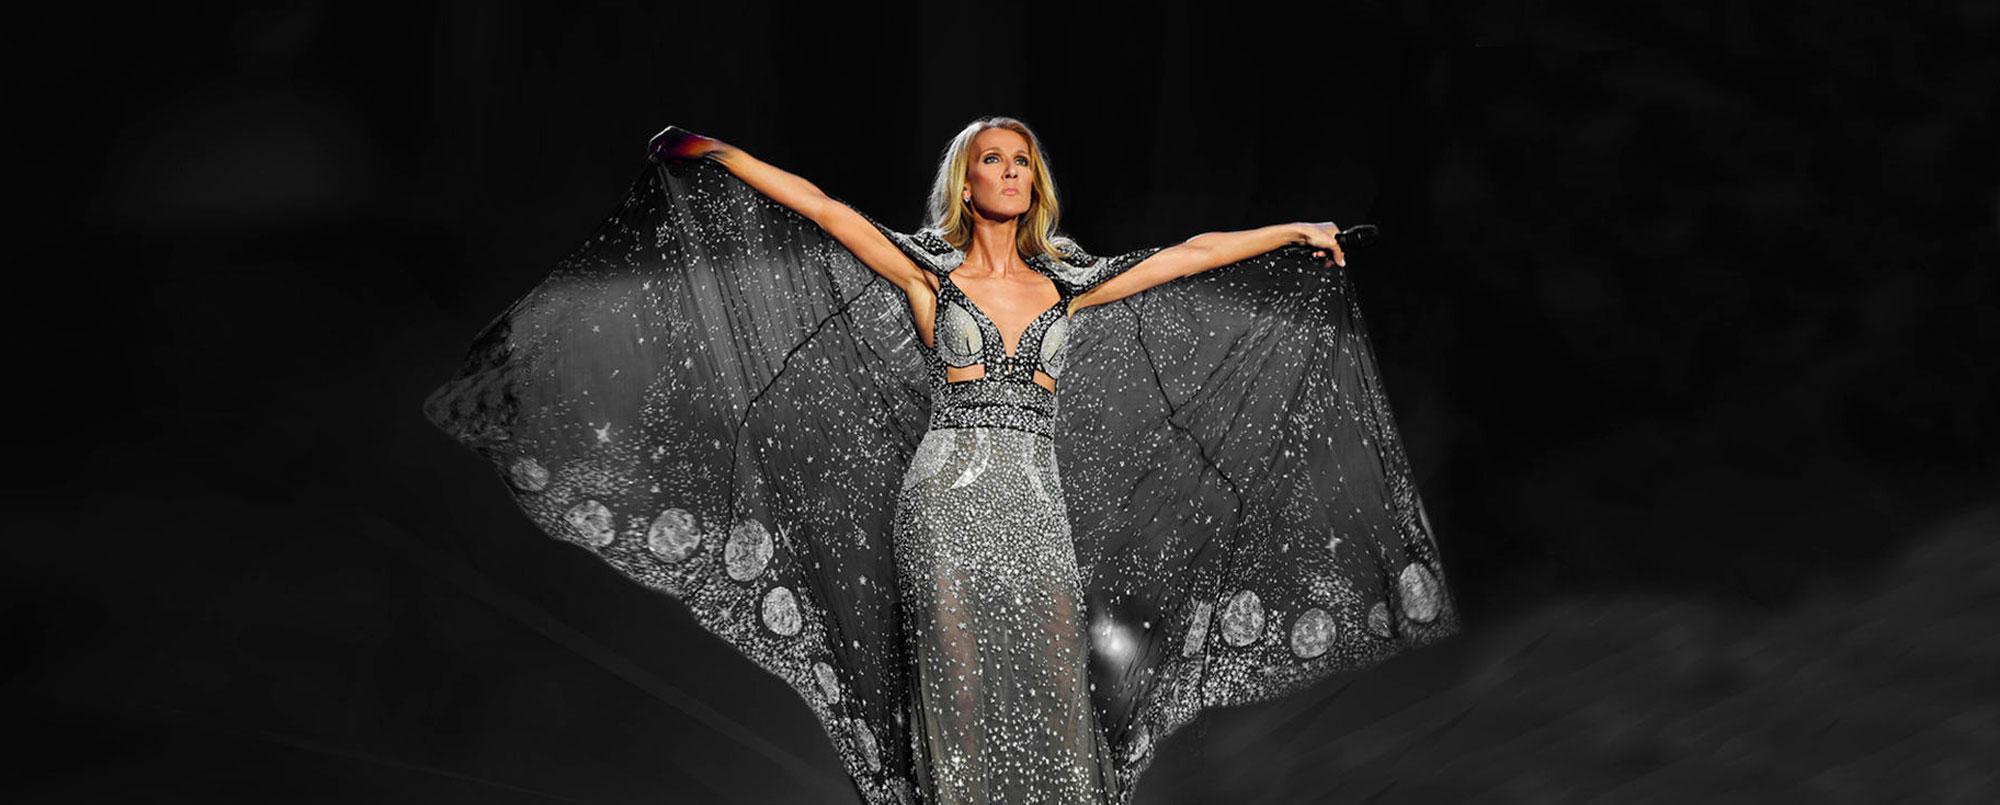 15.6.2021 Celine Dion